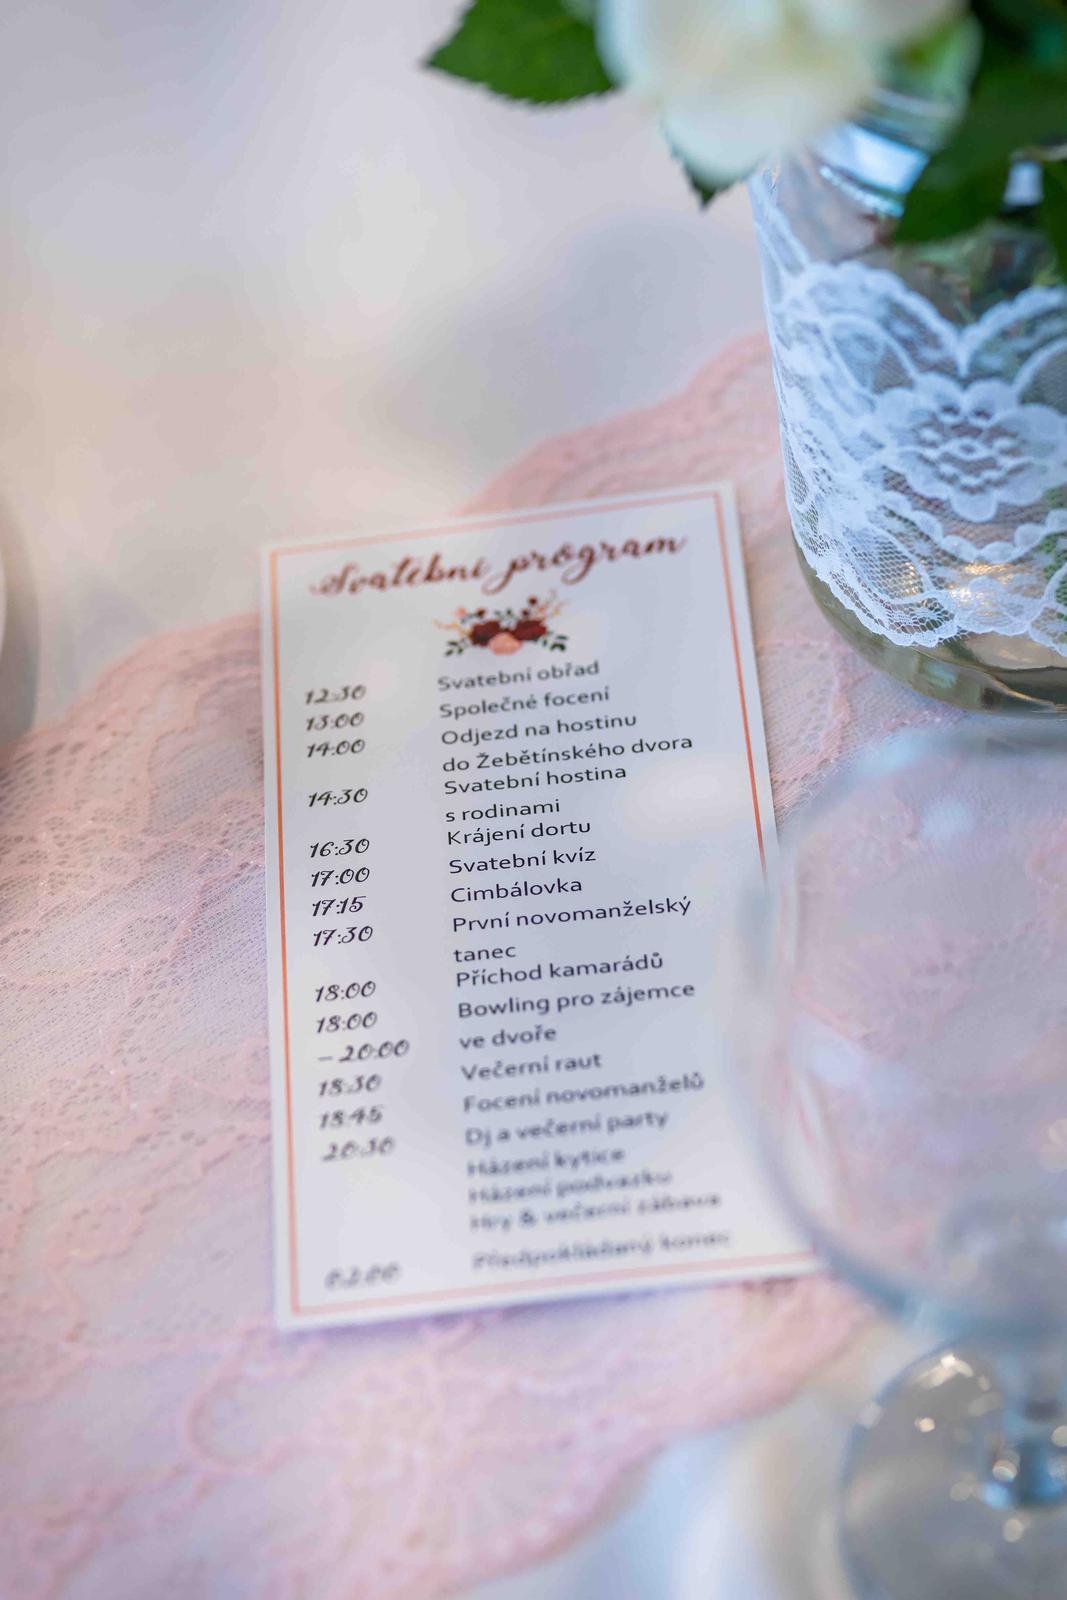 Alžběta                    a                    Štěpán - Program svatebnîho dne plánovaný :)